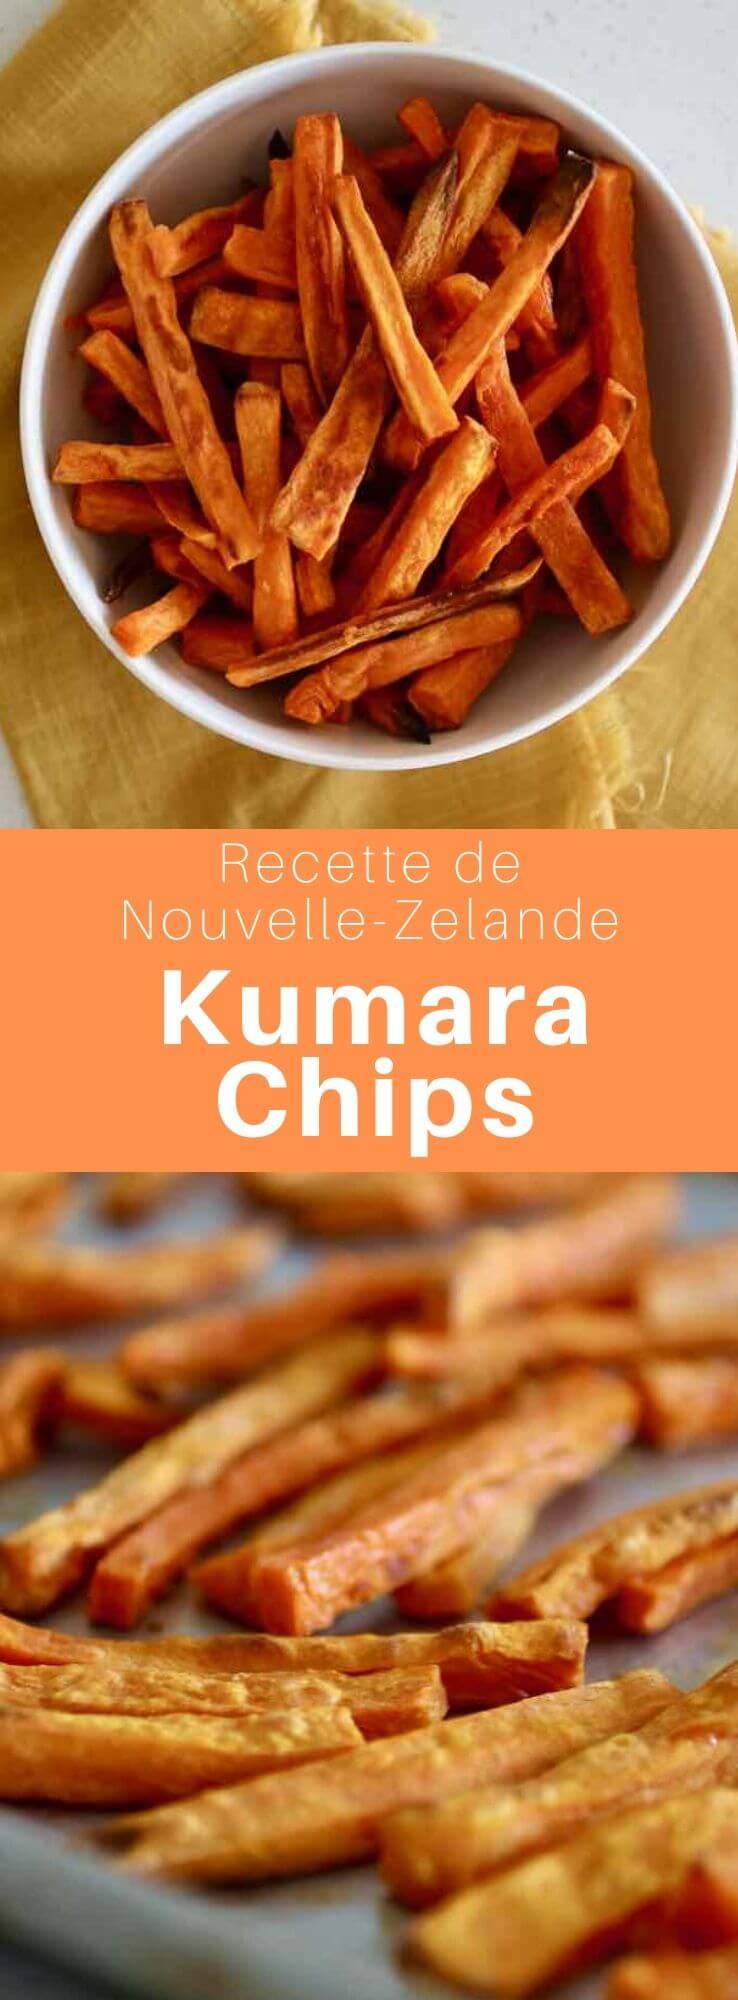 Les kumara chips sont de délicieuses frites de patate douce, qui sont populaires sous ce nom d'origine maorie en Nouvelle-Zélande. #NewZealand #WorldCuisine #196flavors